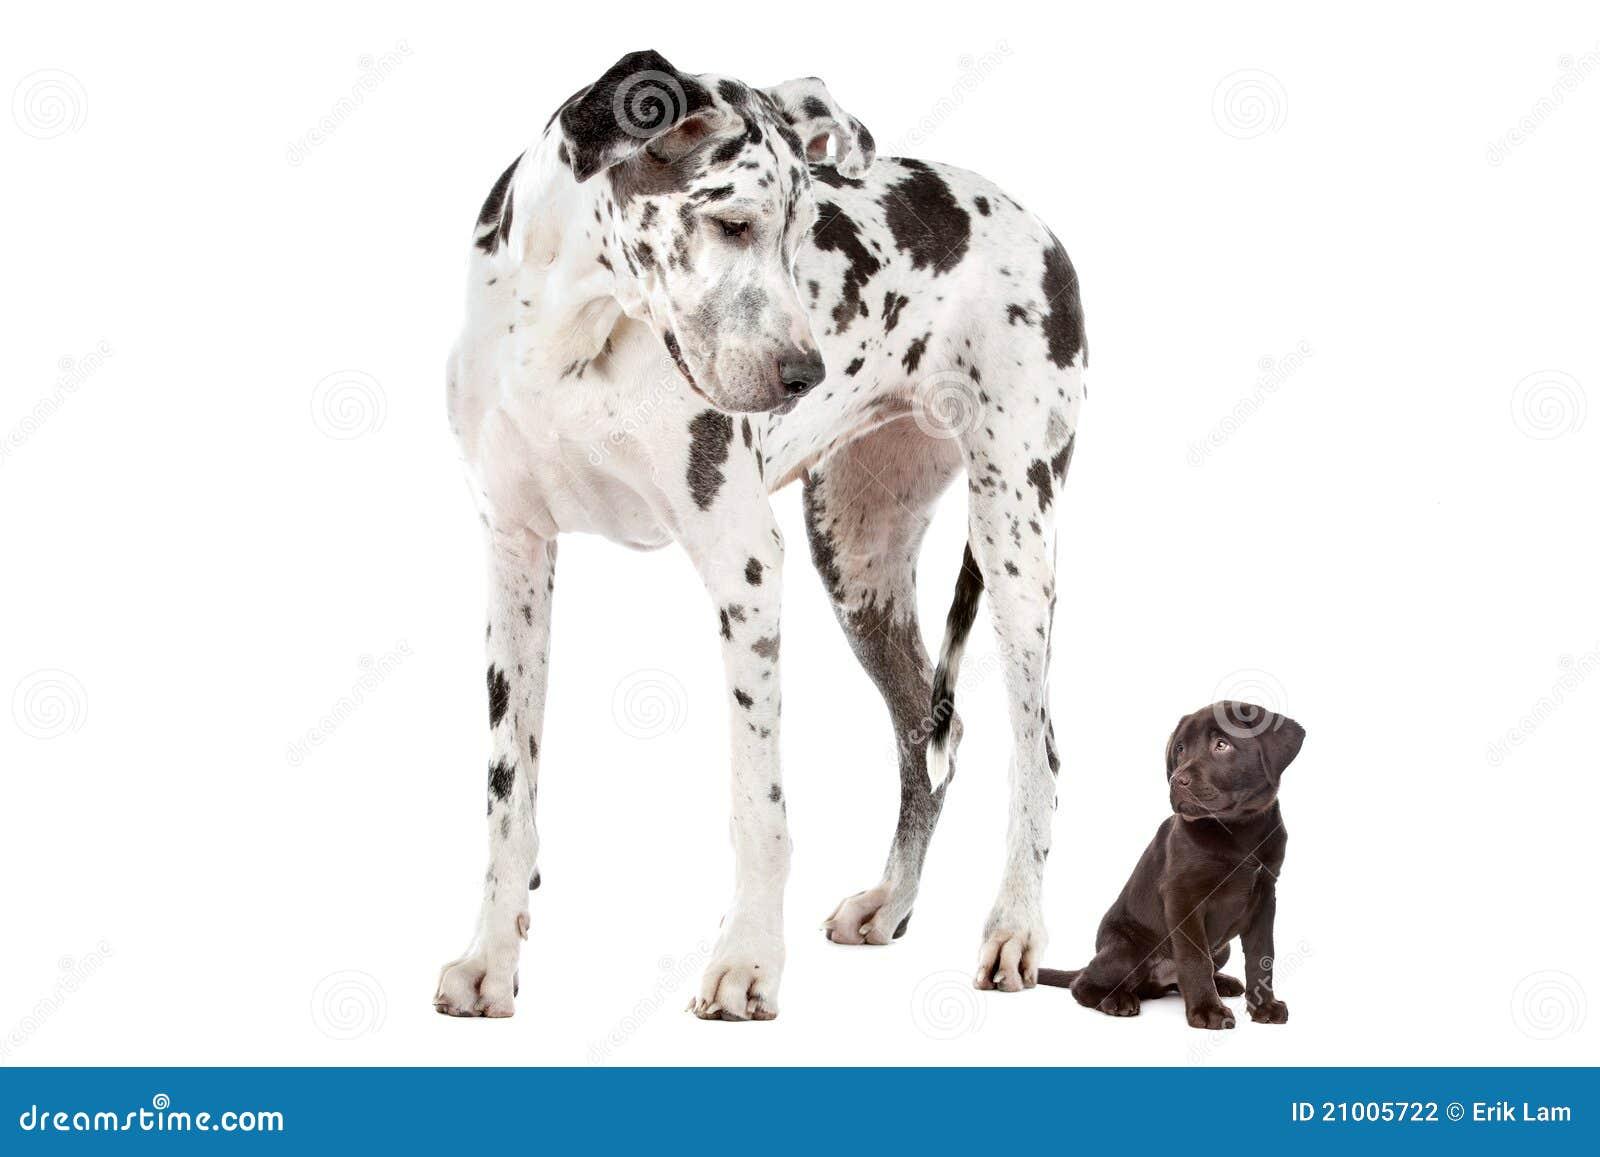 Big Dog Scared Of Little Kitten